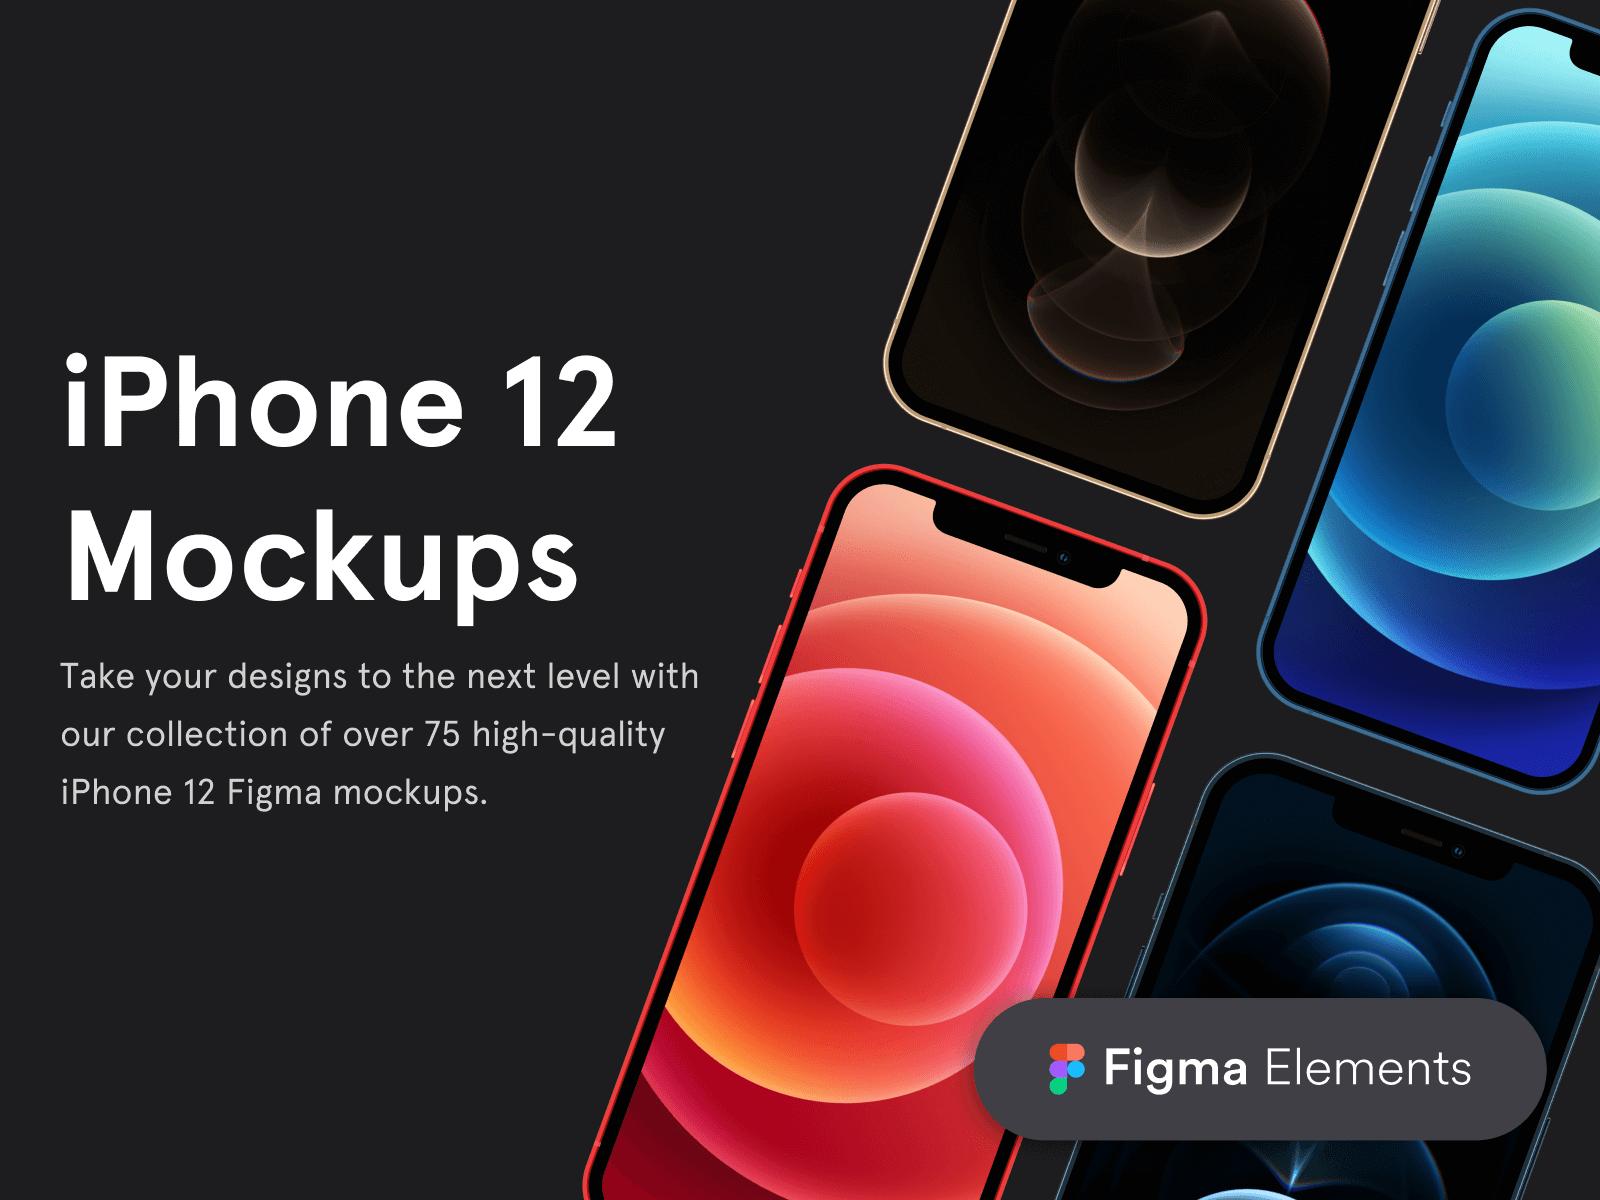 iPhone 12 Figma Mockups